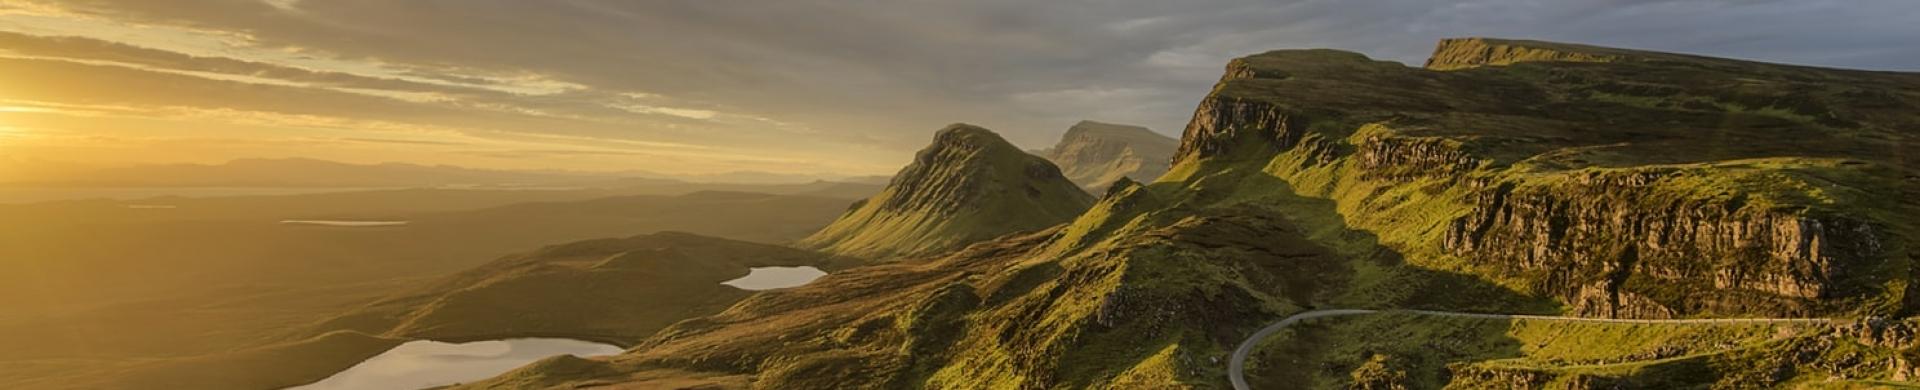 Scotland [not finished]